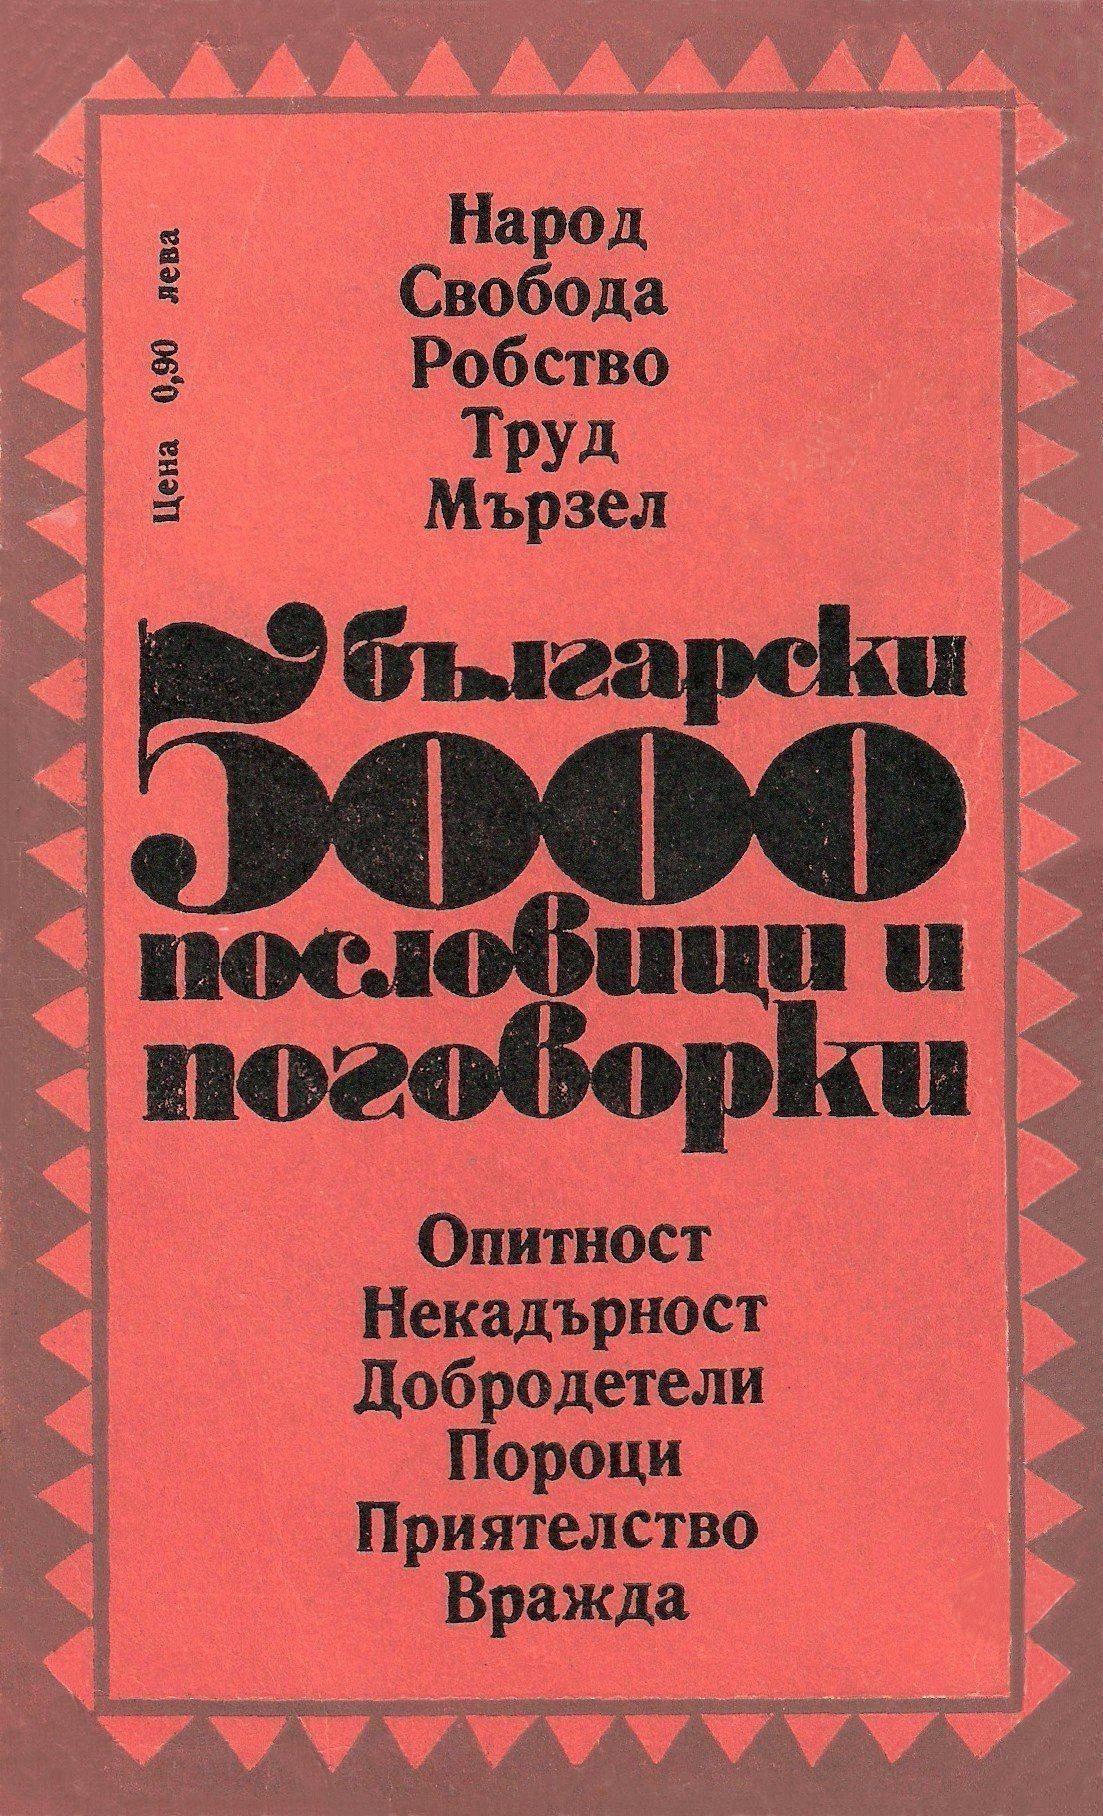 5 000 Български пословици и поговорки